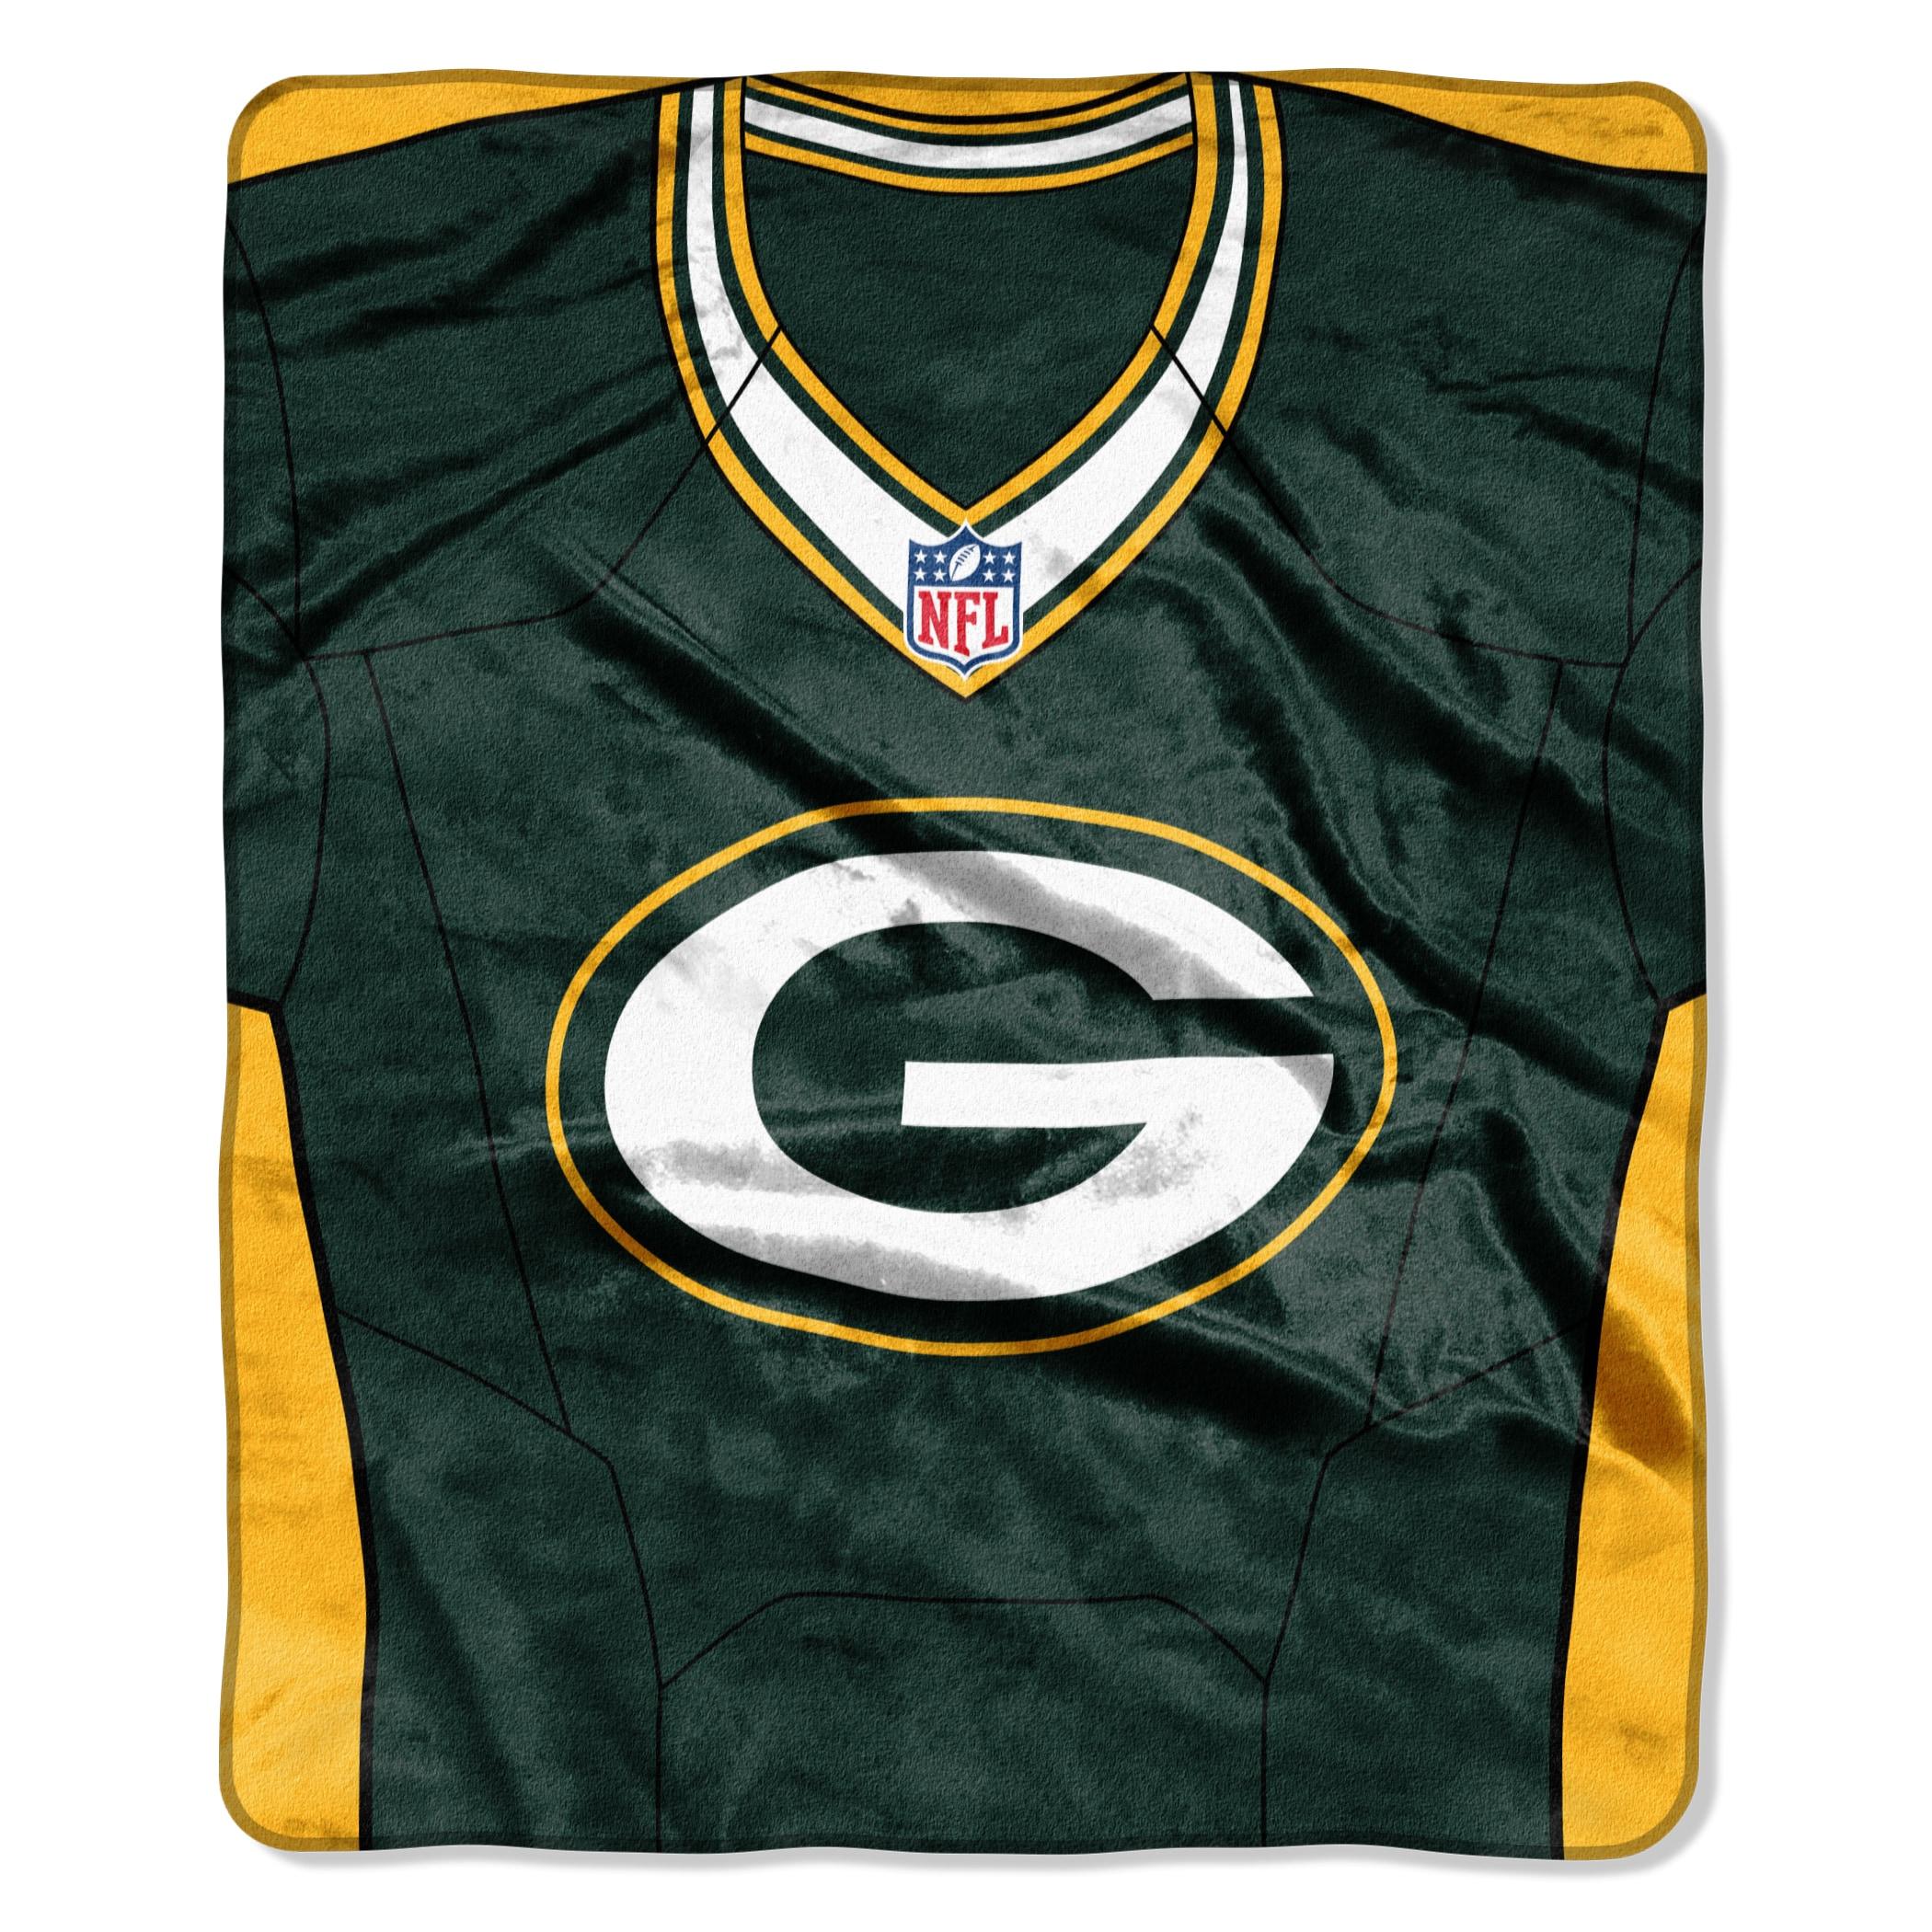 Norwesco NFL 07080 Packers Jersey Raschel Throw (Packers)...